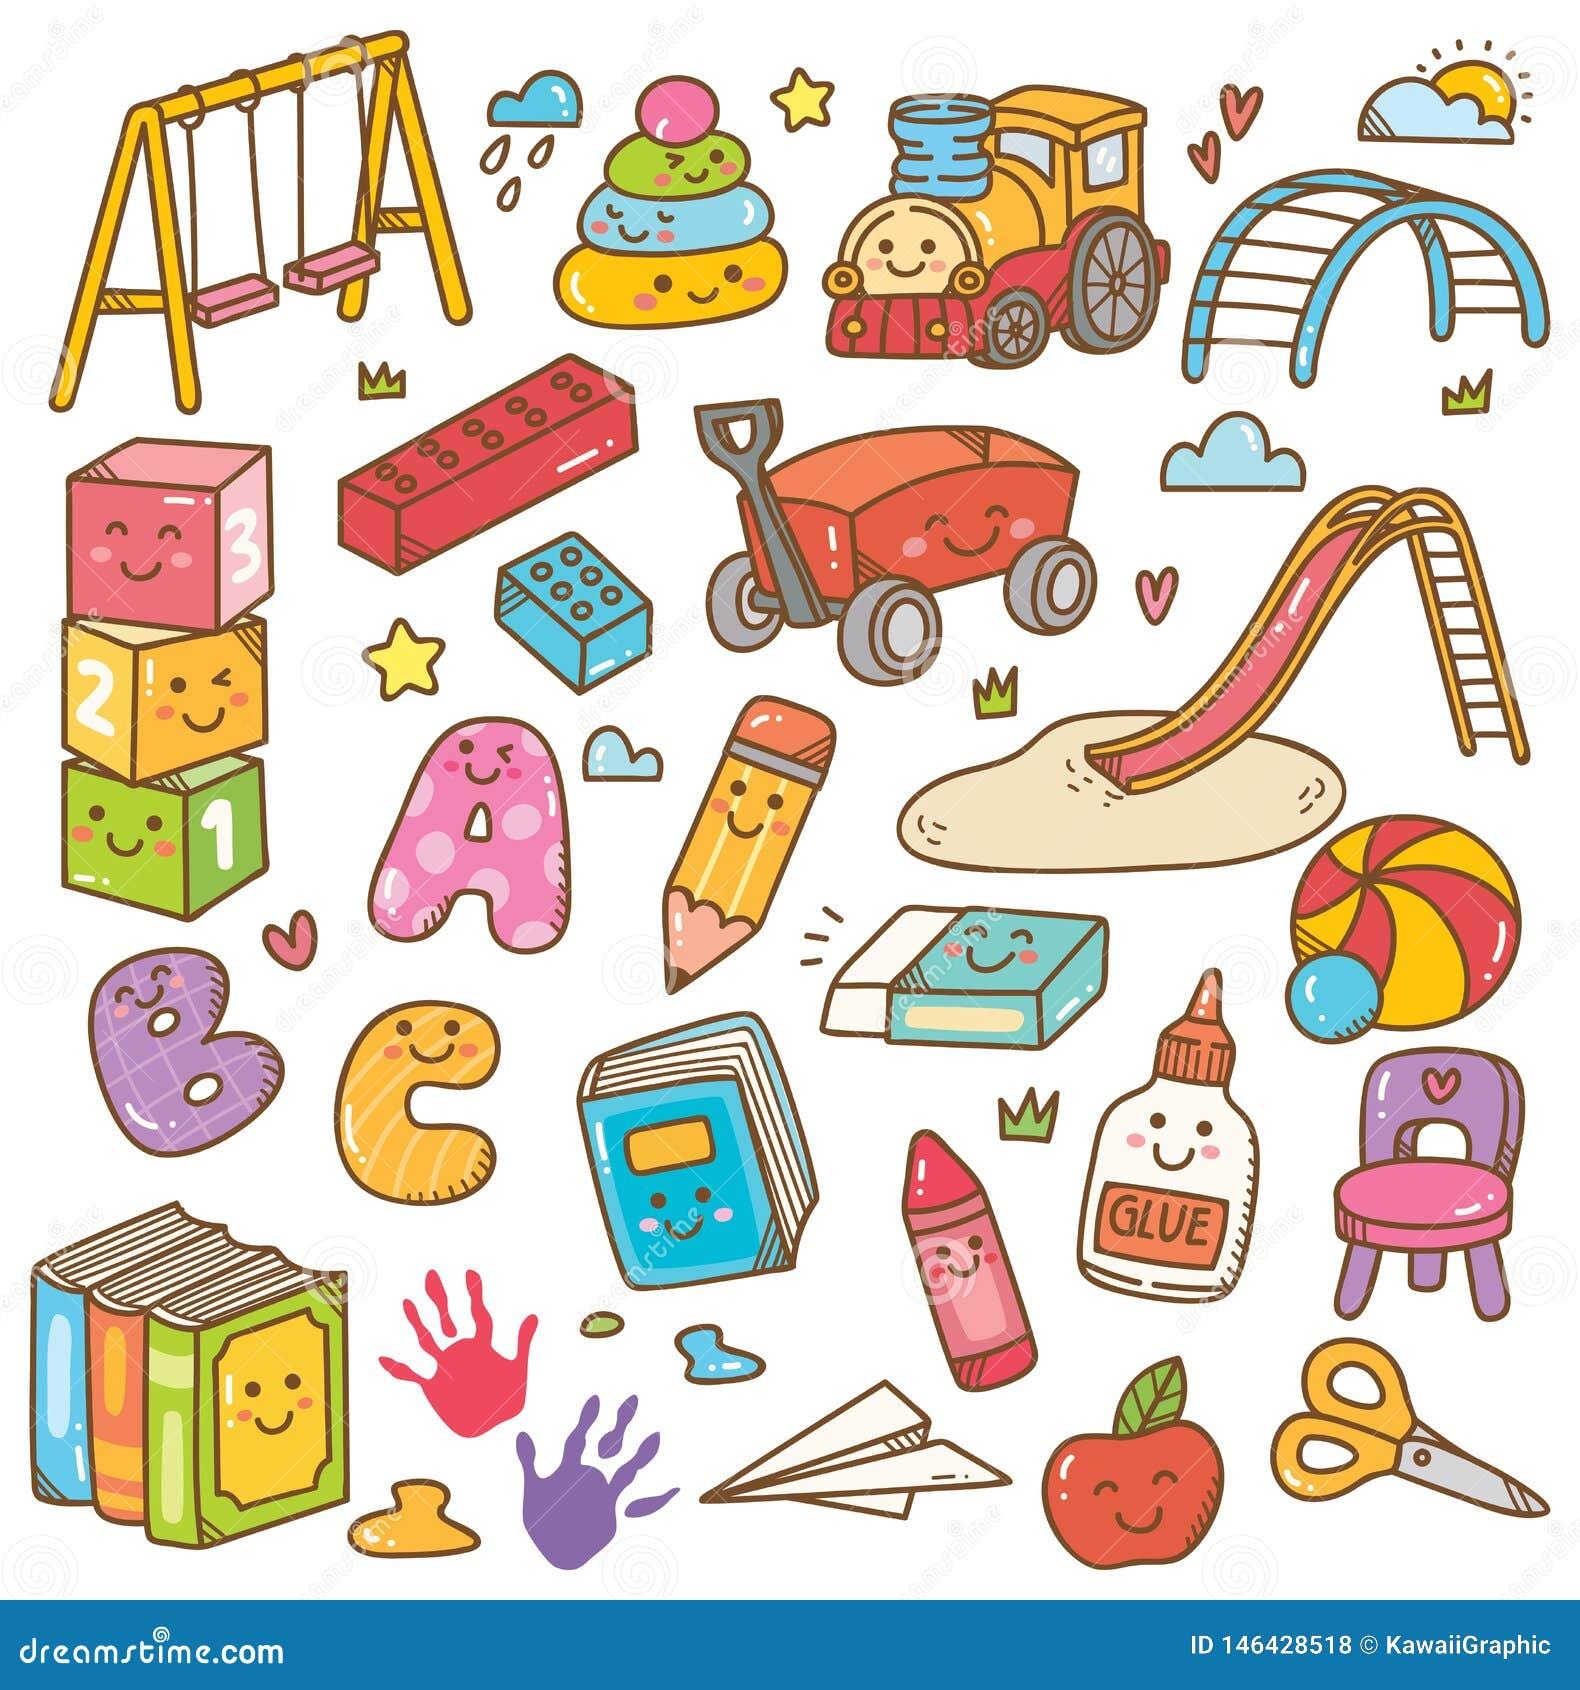 Kindergartenspielwaren und Ausr?stungsgekritzelsatz